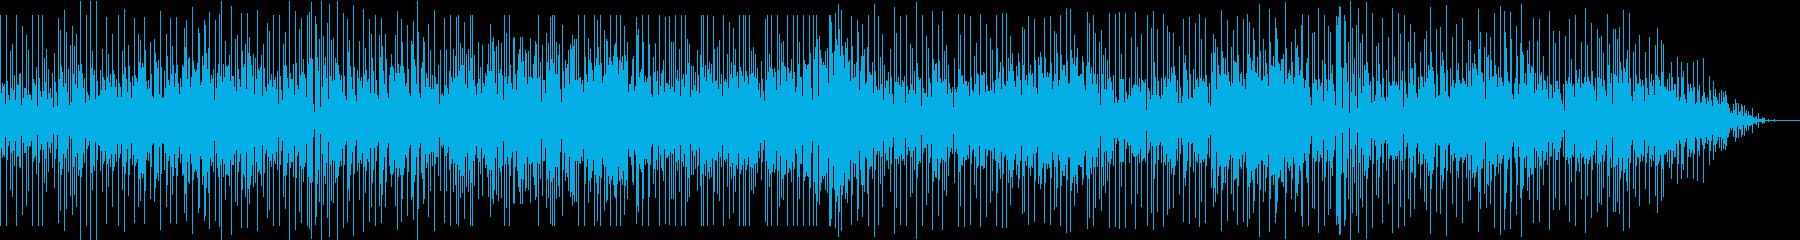 ソプラノサックスのお洒落なフュージョンの再生済みの波形